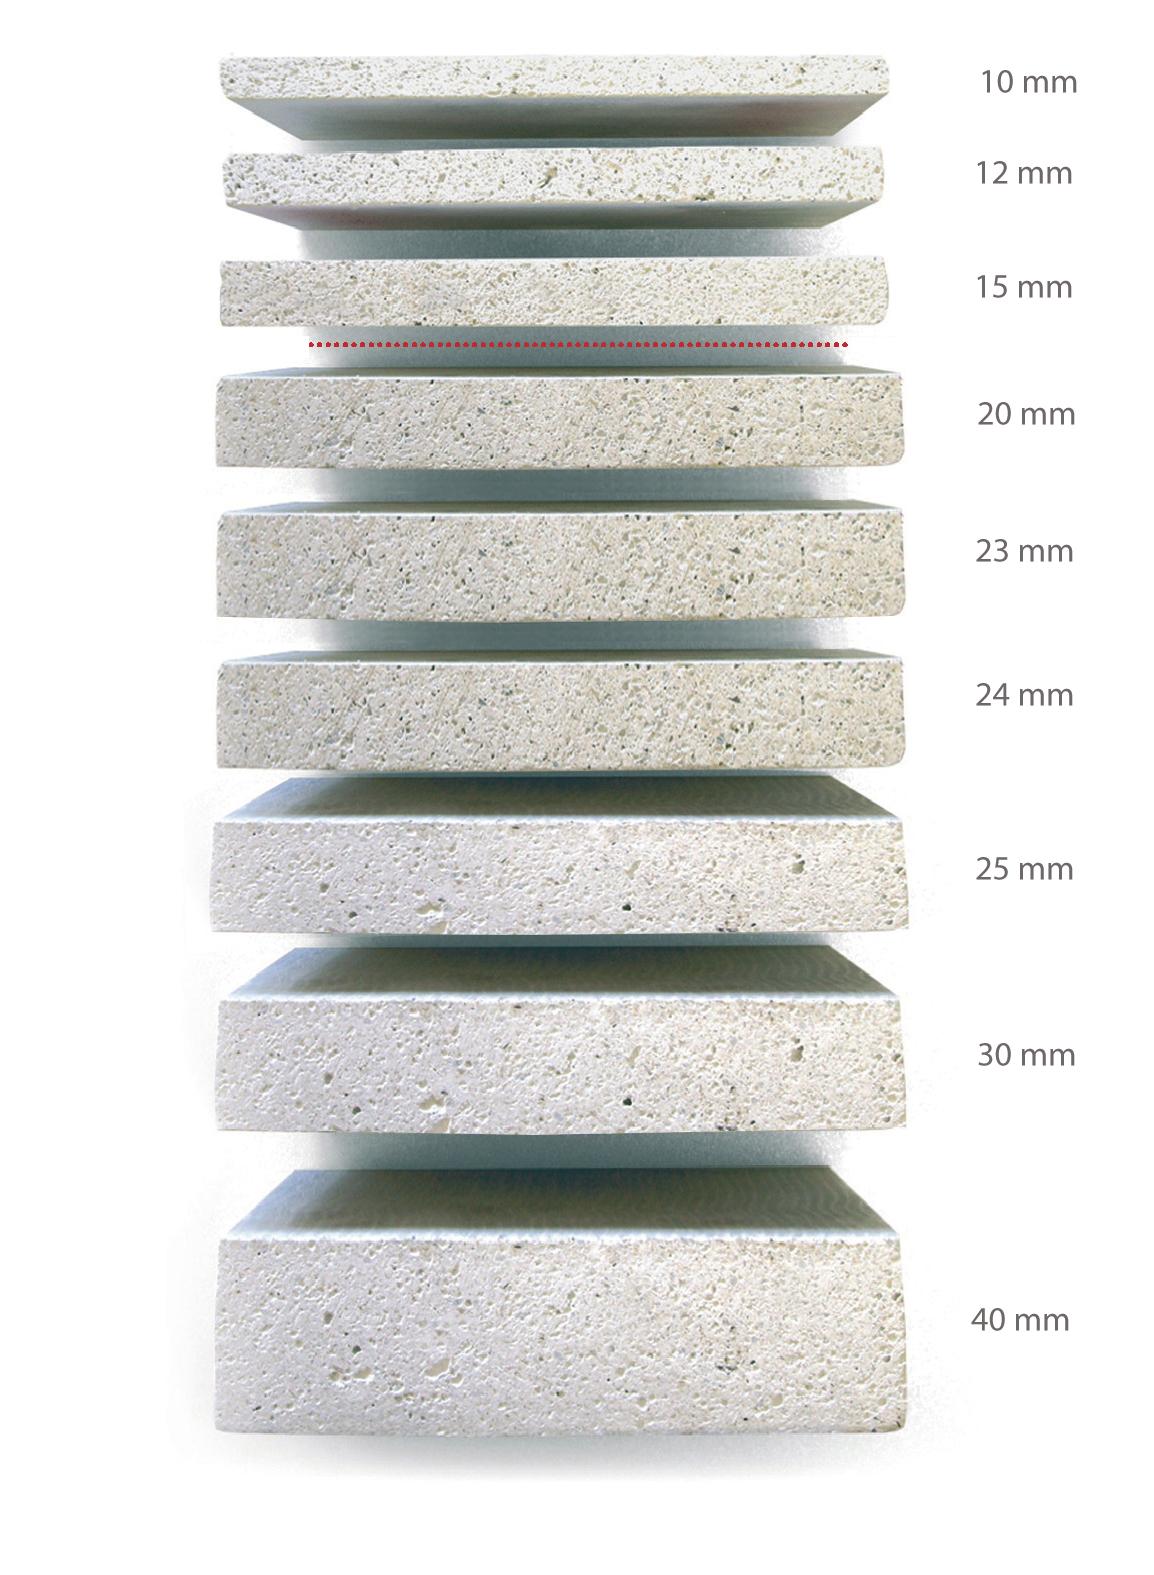 imagen formato tecbor placa magnesio